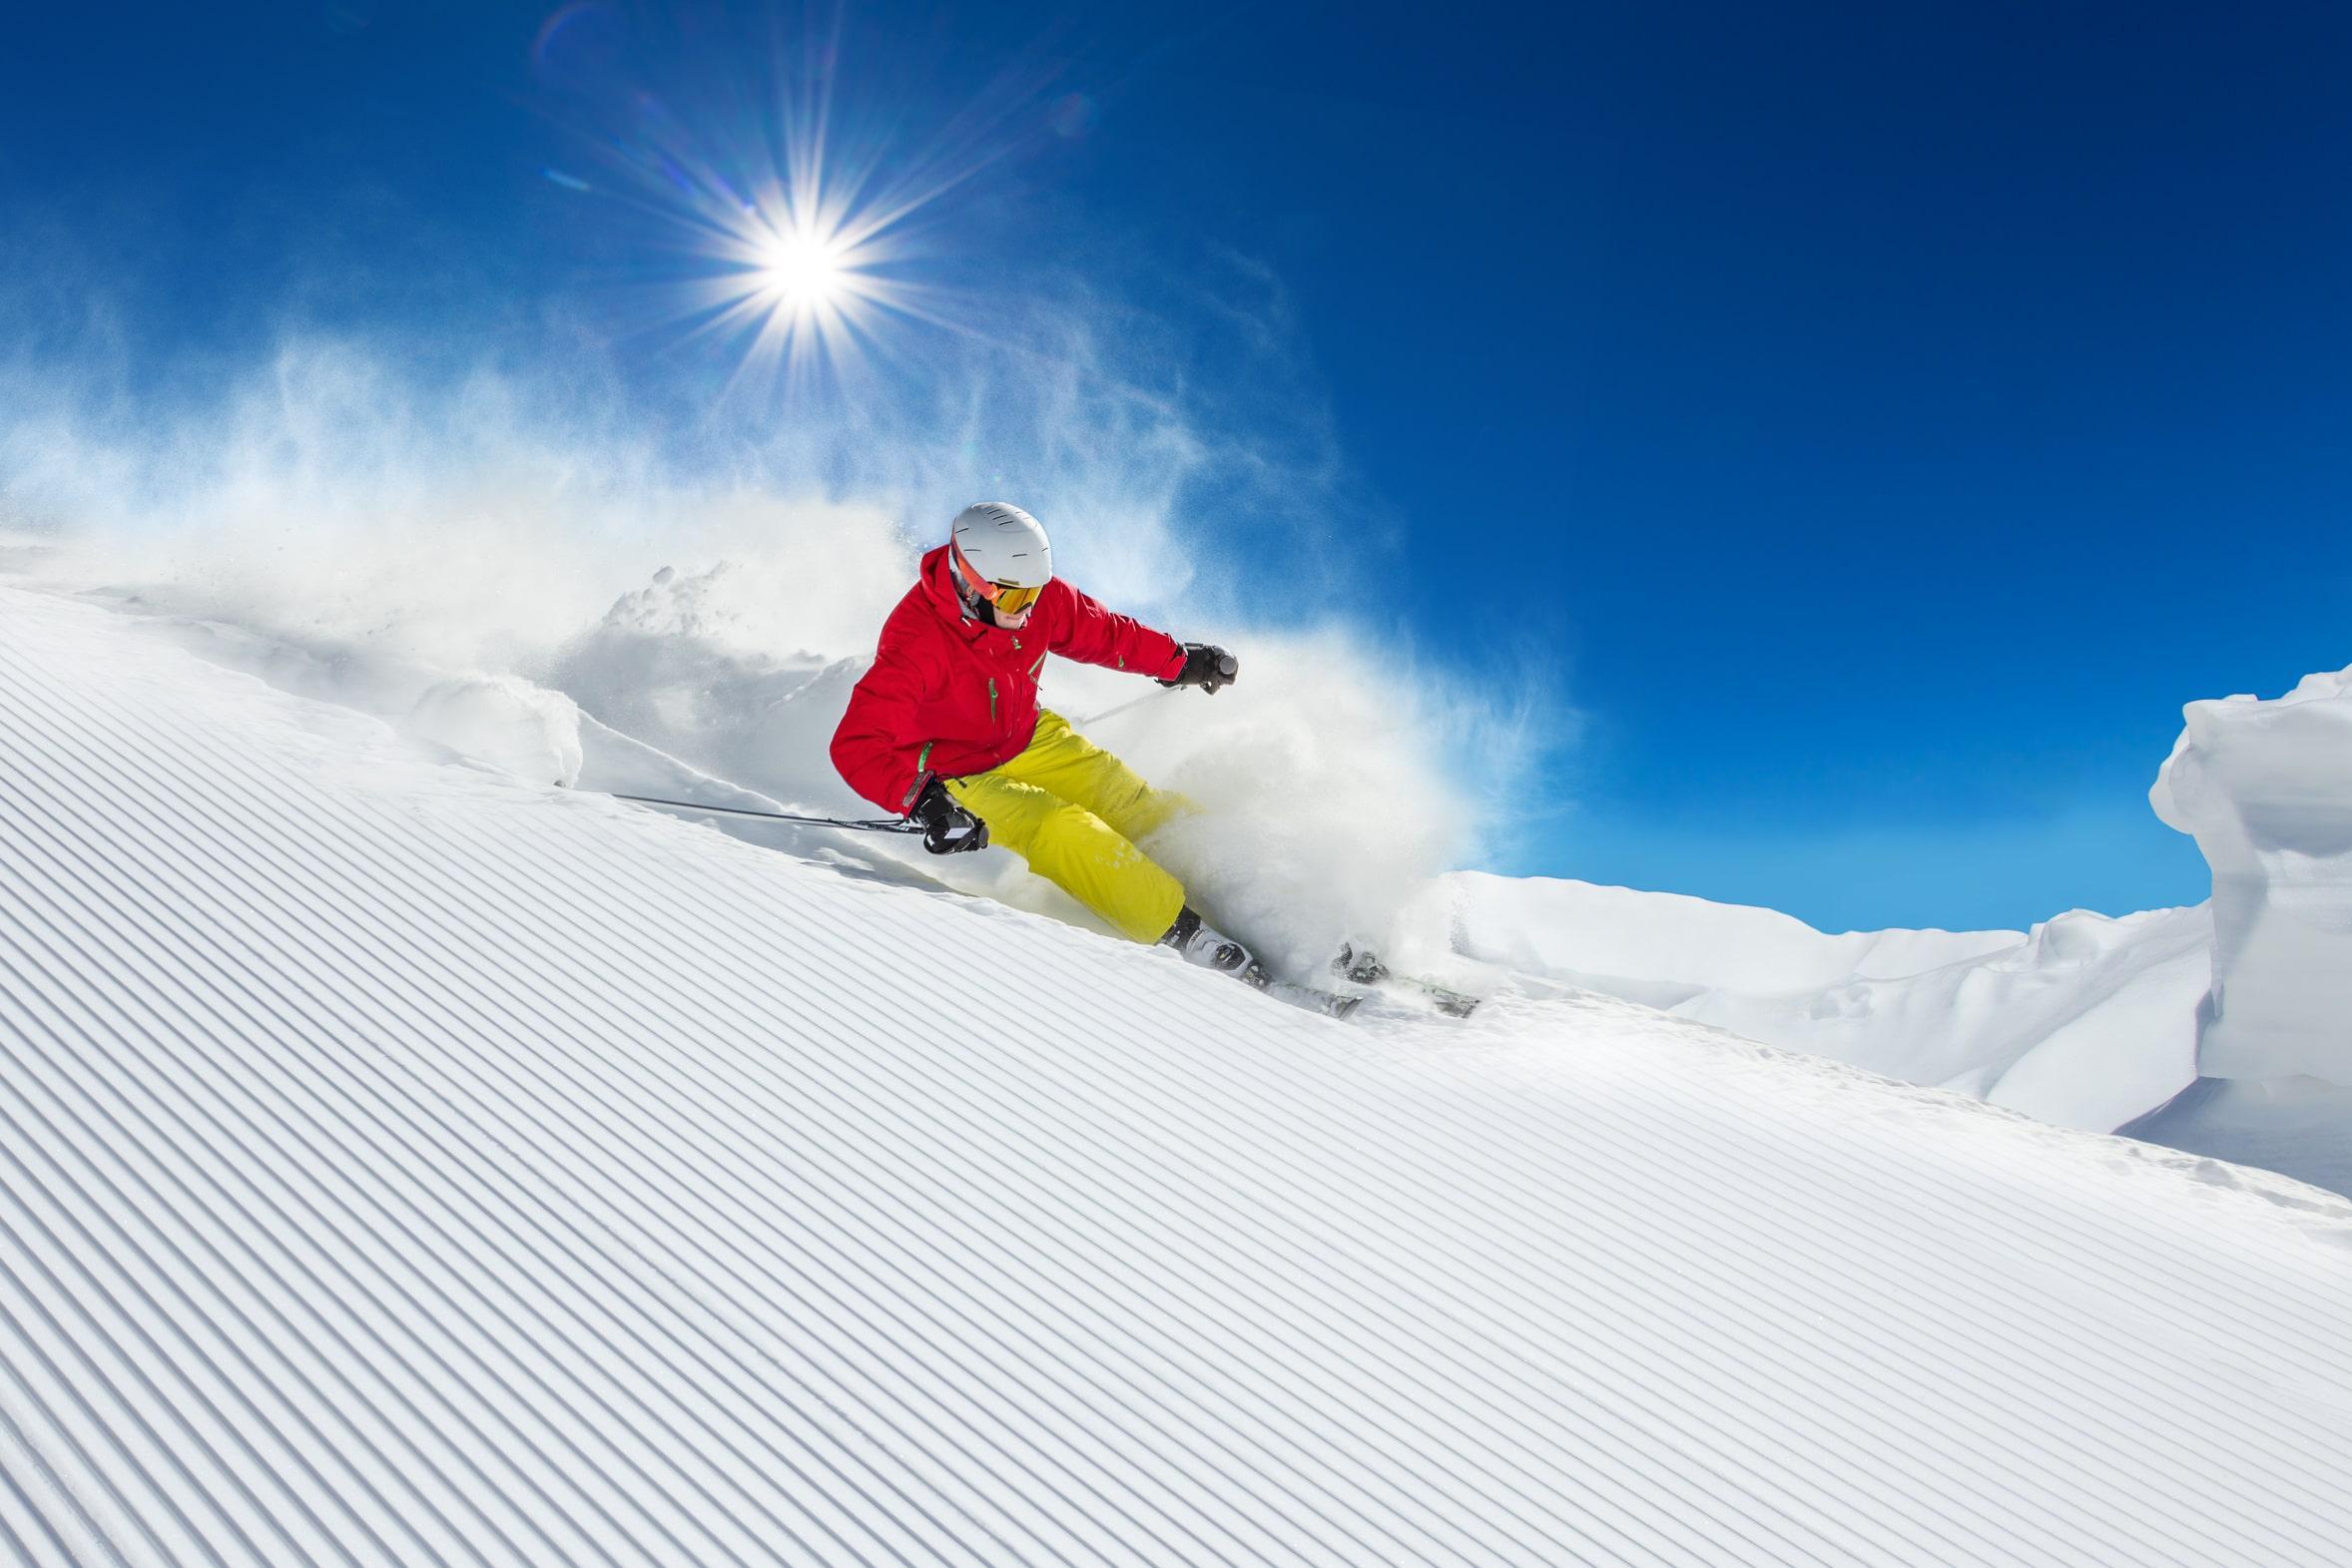 Cours particulier de ski Adultes pour Skieurs expérimentés